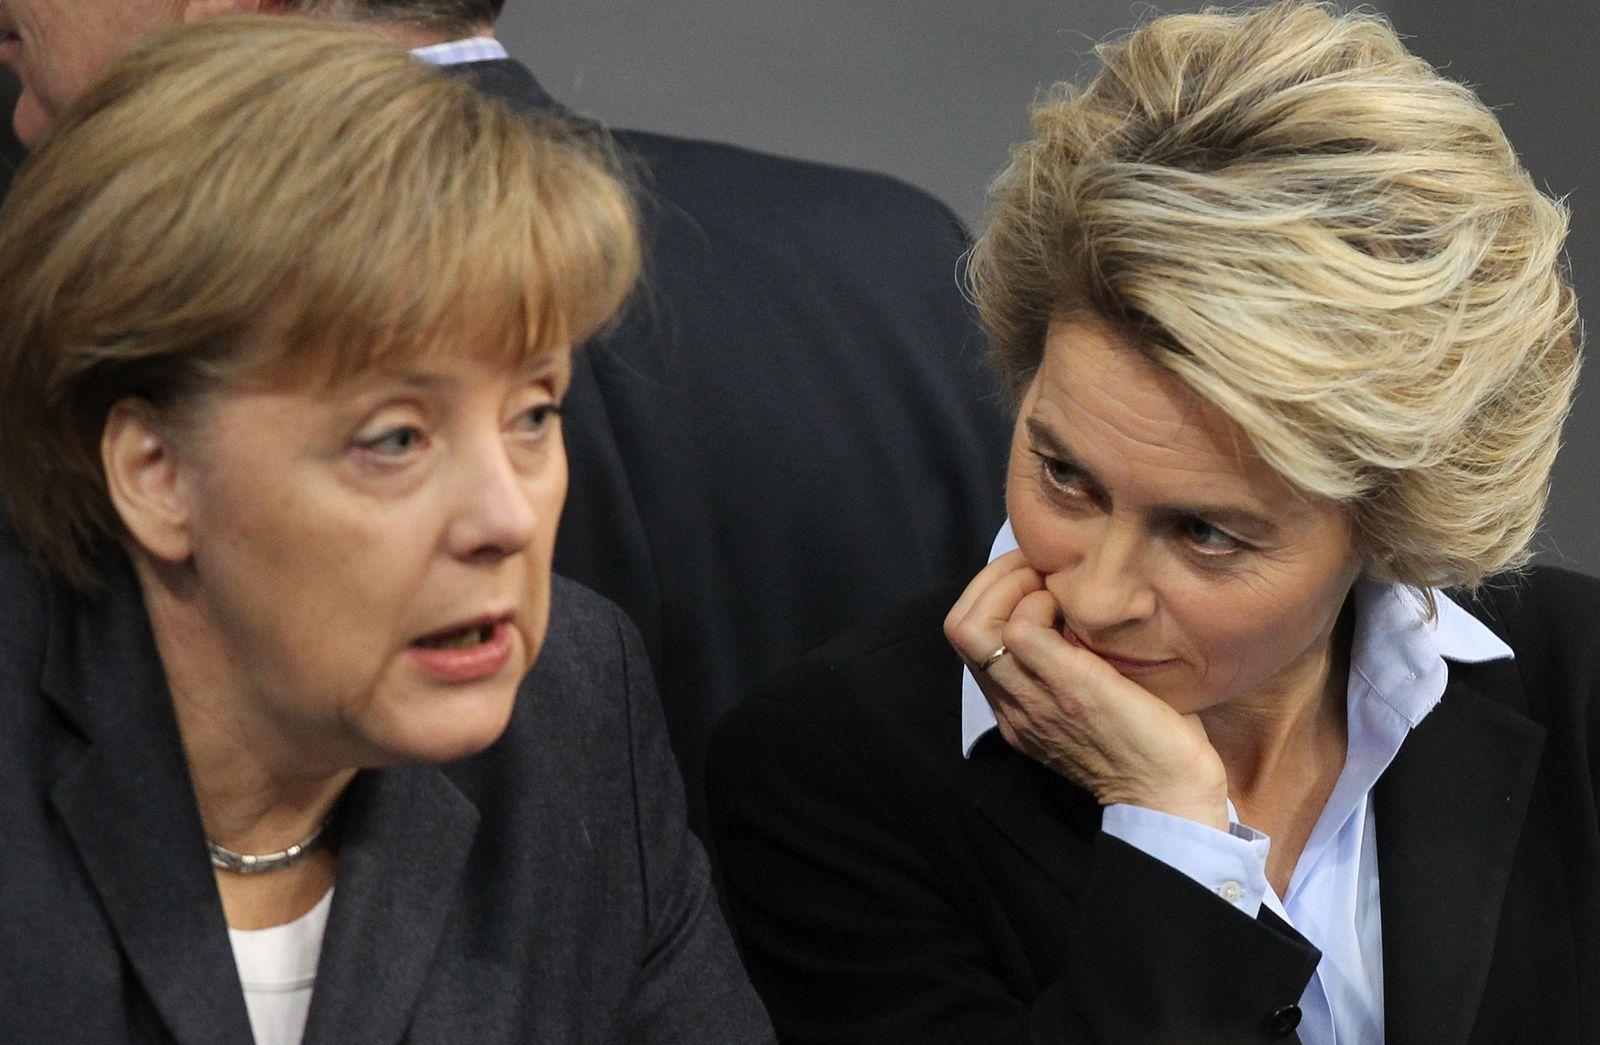 Hartz-IV-Reform / Von der Leyen / Merkel